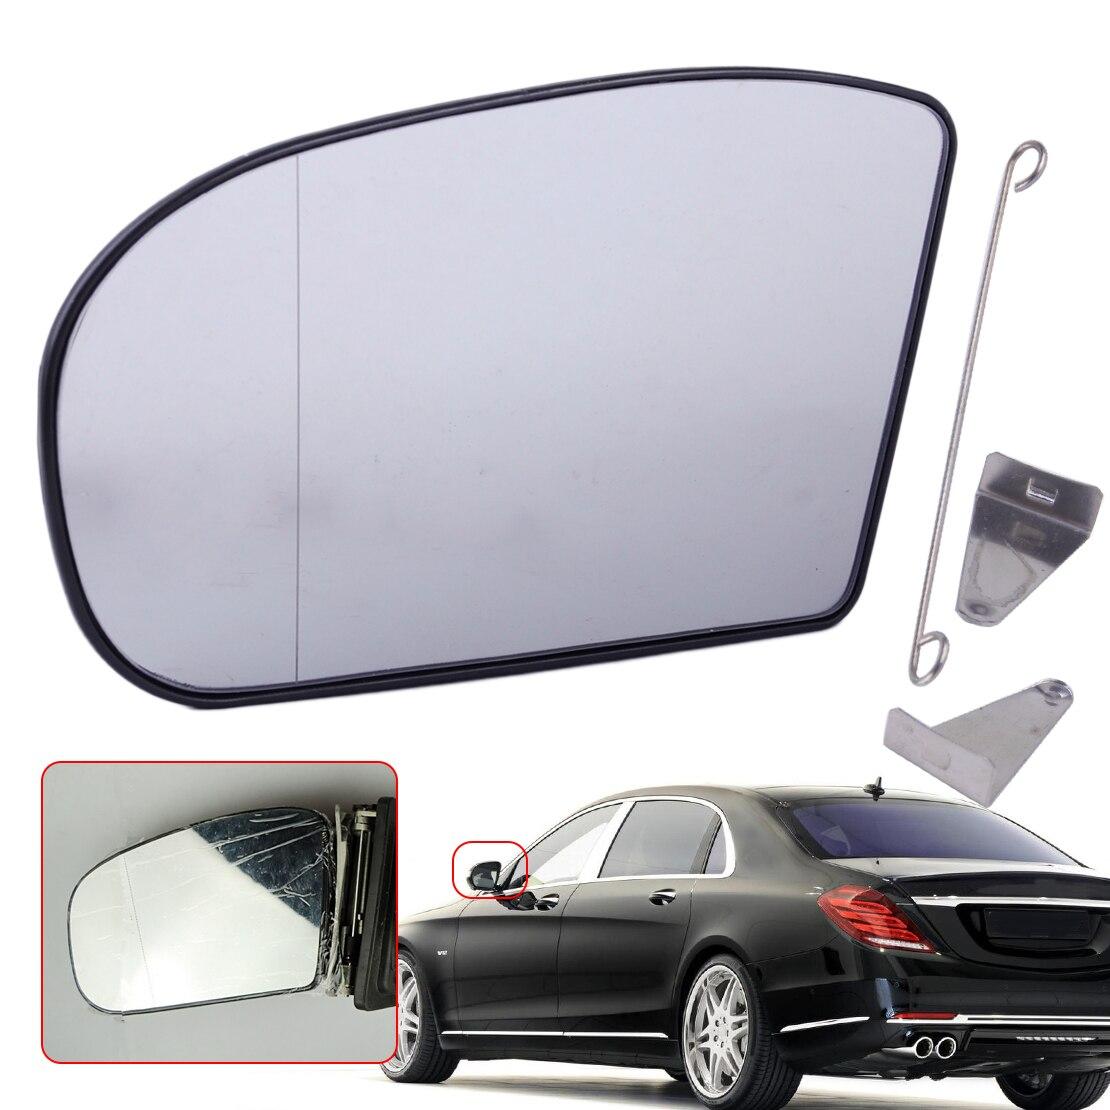 CITALL Left Heated Wide Angle Door Mirror Glass 2038100121 Fit For Mercedes E C Class W211 W203 E320 E350 E55 C230 C320 C350